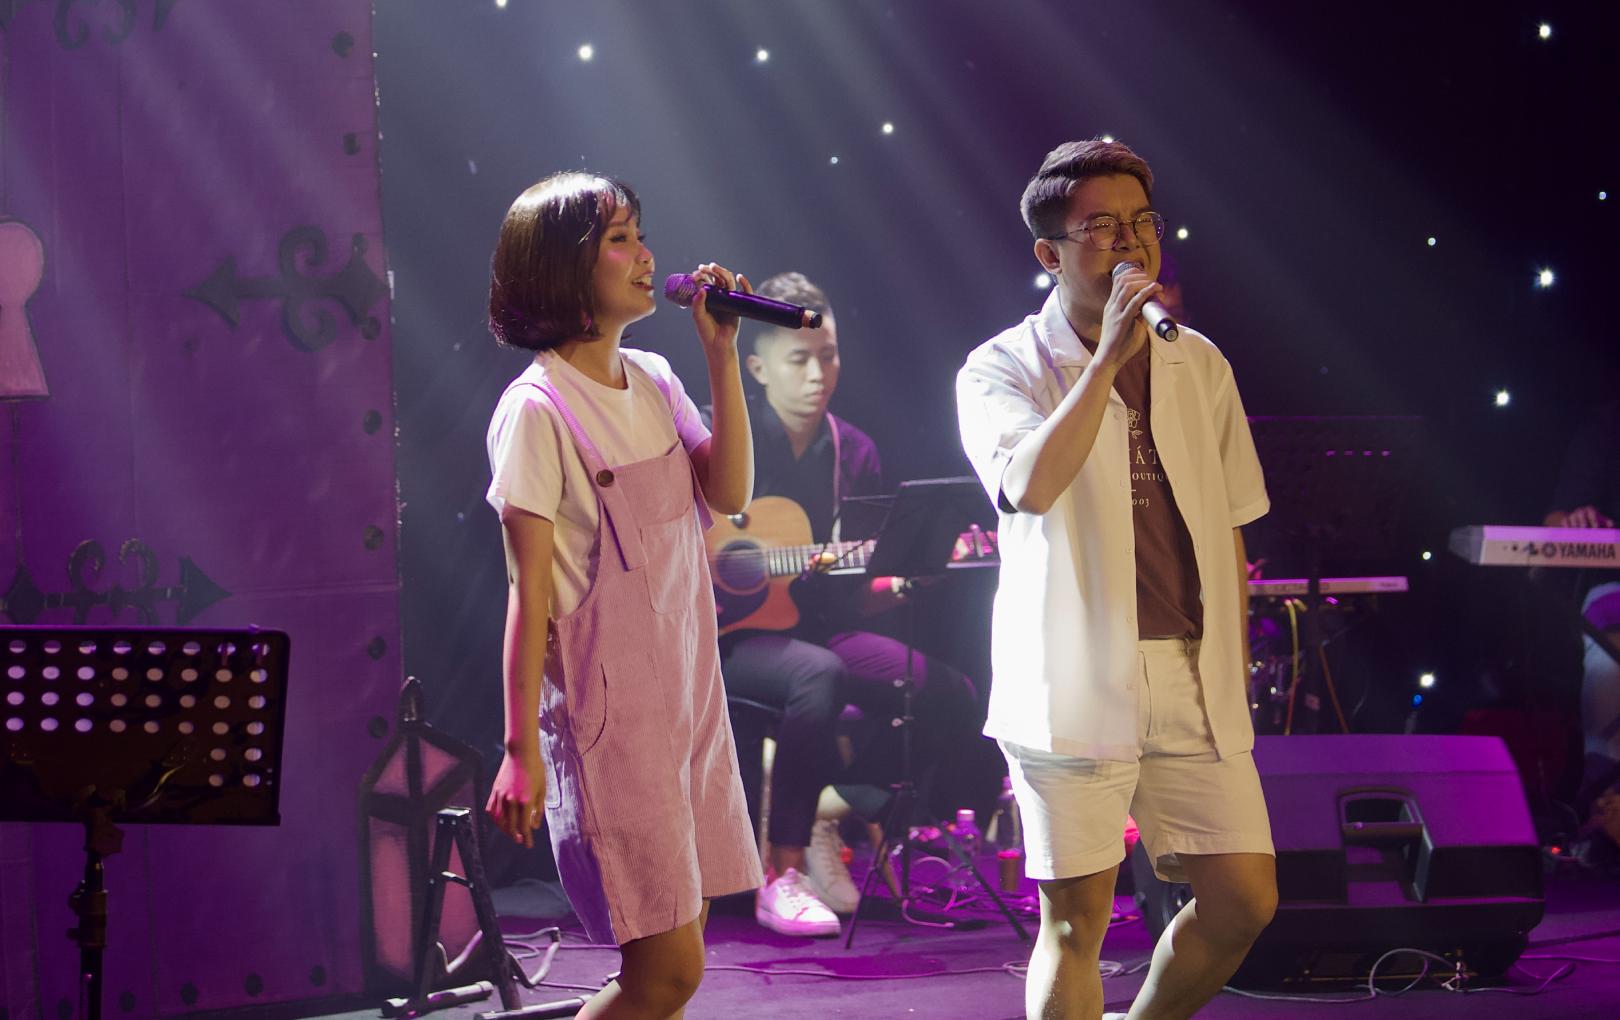 The Sheep comeback hoành tráng với đêm nhạc Tales và MV Déjà Vu khiến fans háo  hức